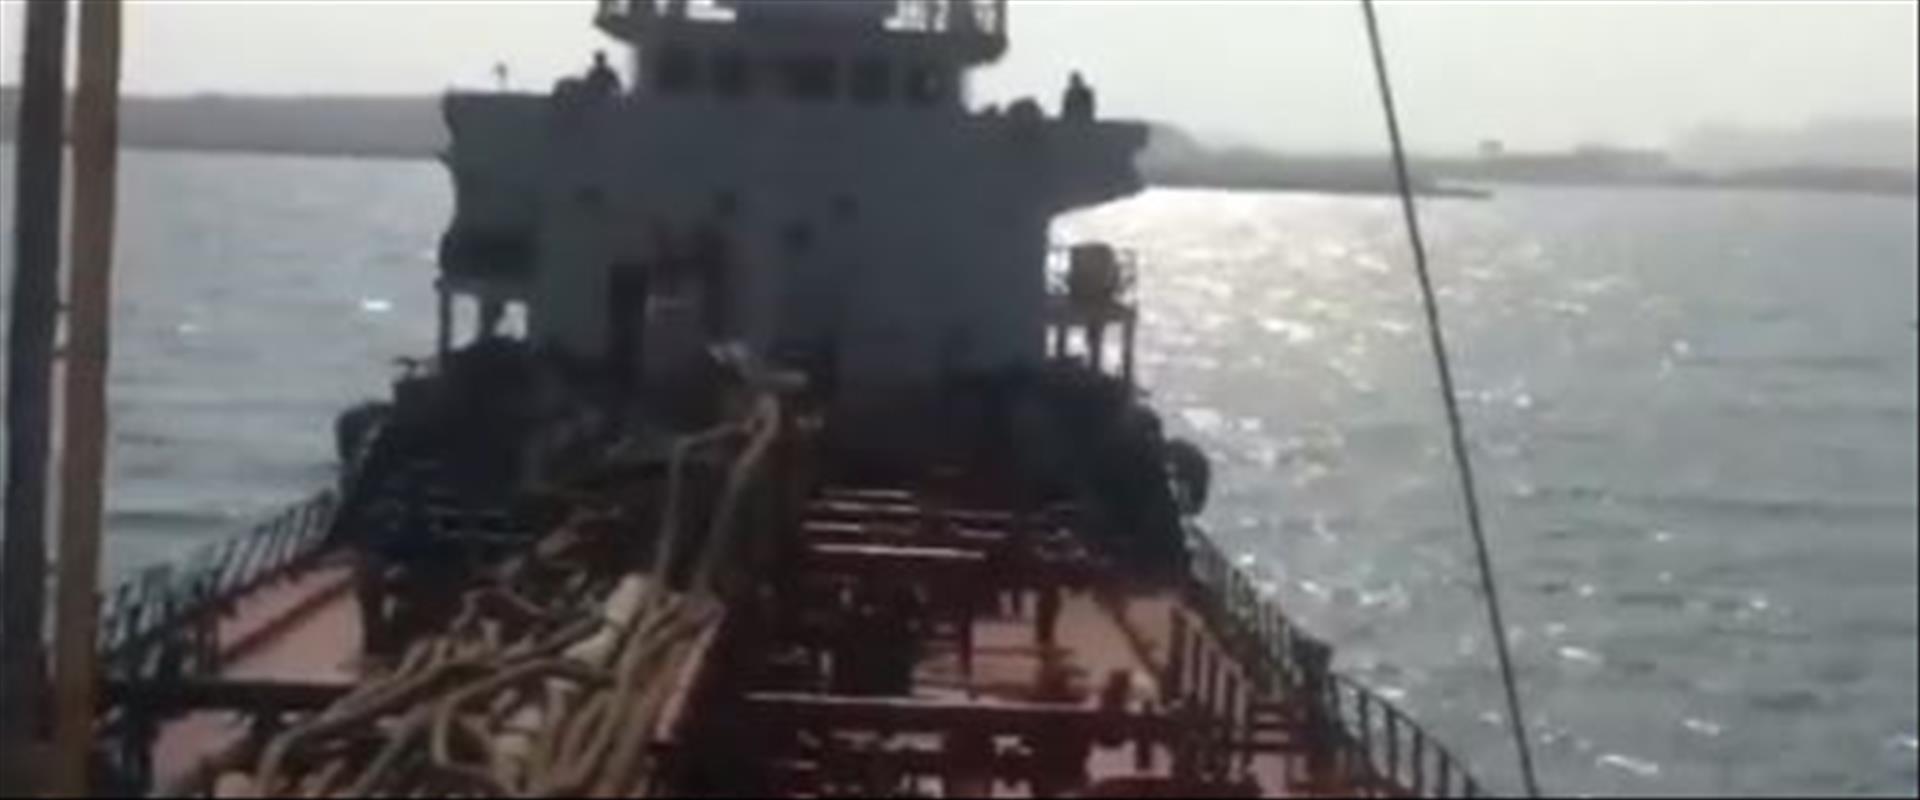 מכלית הנפט שעצרה איראן